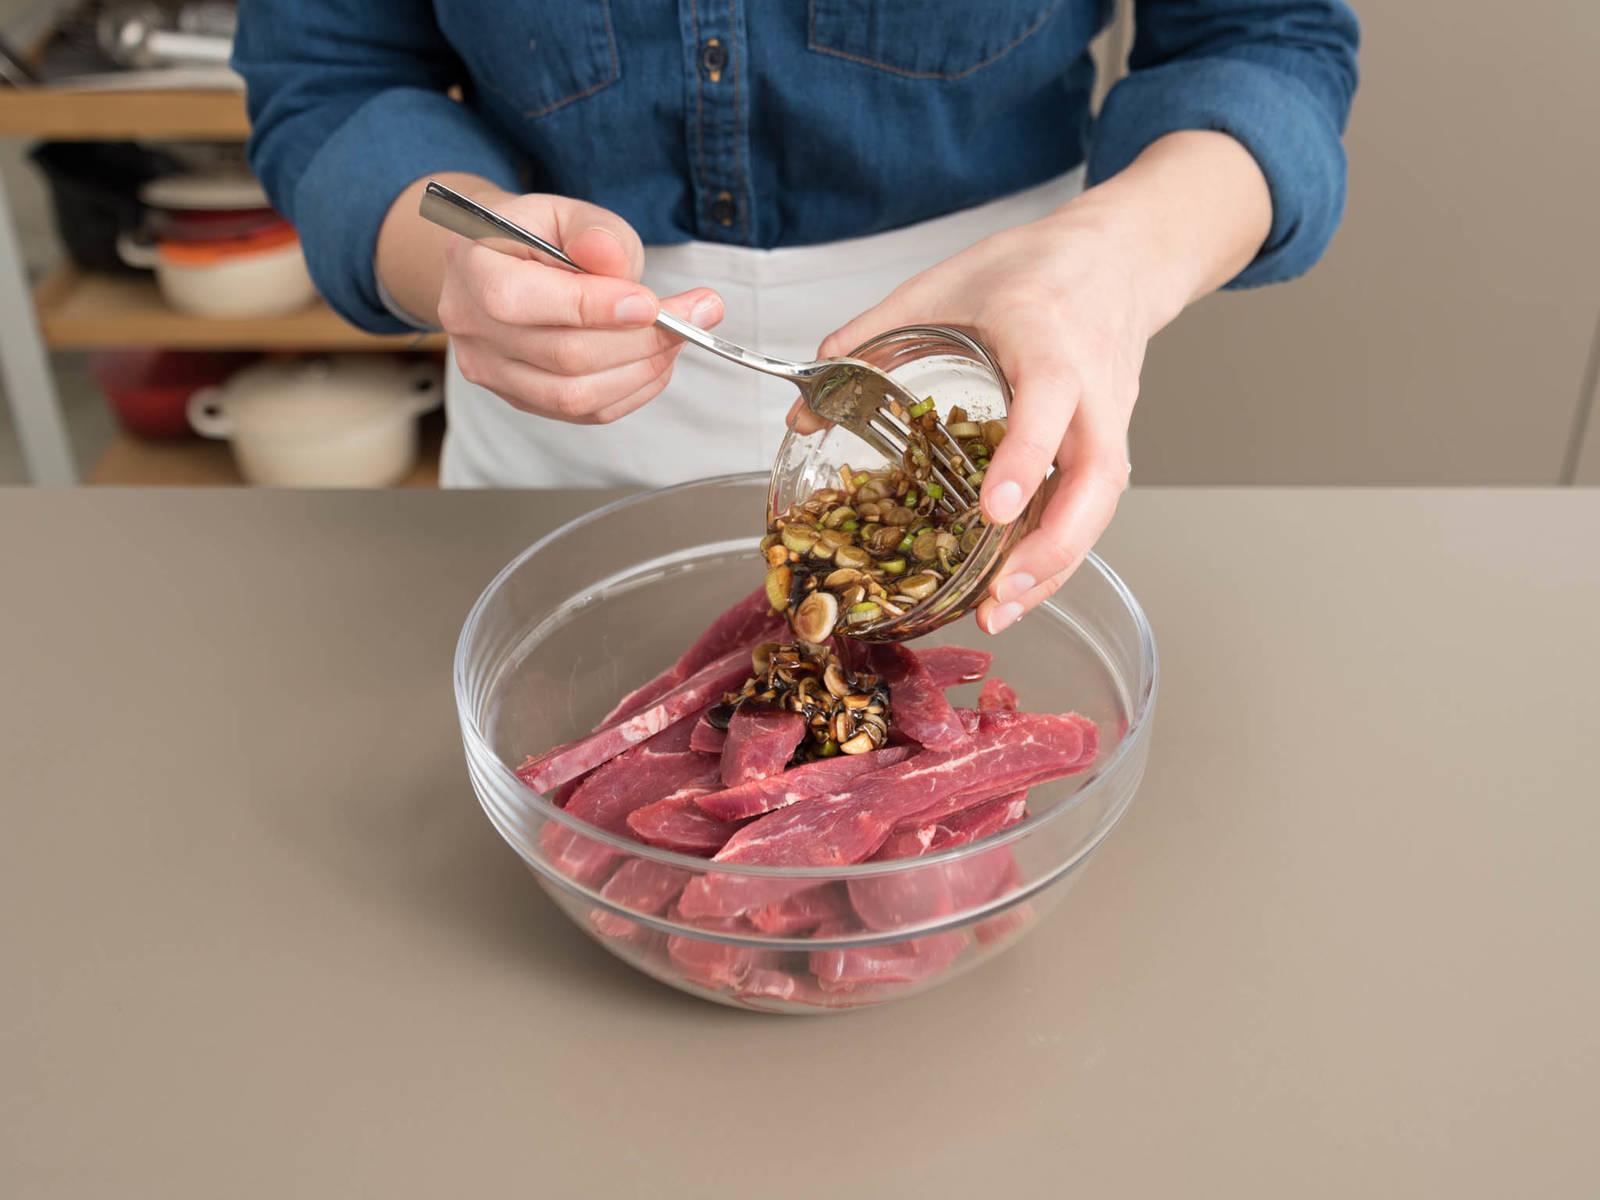 Marinade zum Fleisch geben und gut vermengen. Gefrierbeutel verschließen oder Schüssel abdecken. Für mind. 30 Min. und bis zu 8 Stunden im Kühlschrank marinieren. In der Zwischenzeit Sesam in einer kleiner Pfanne bei mittlerer Hitze rösten.